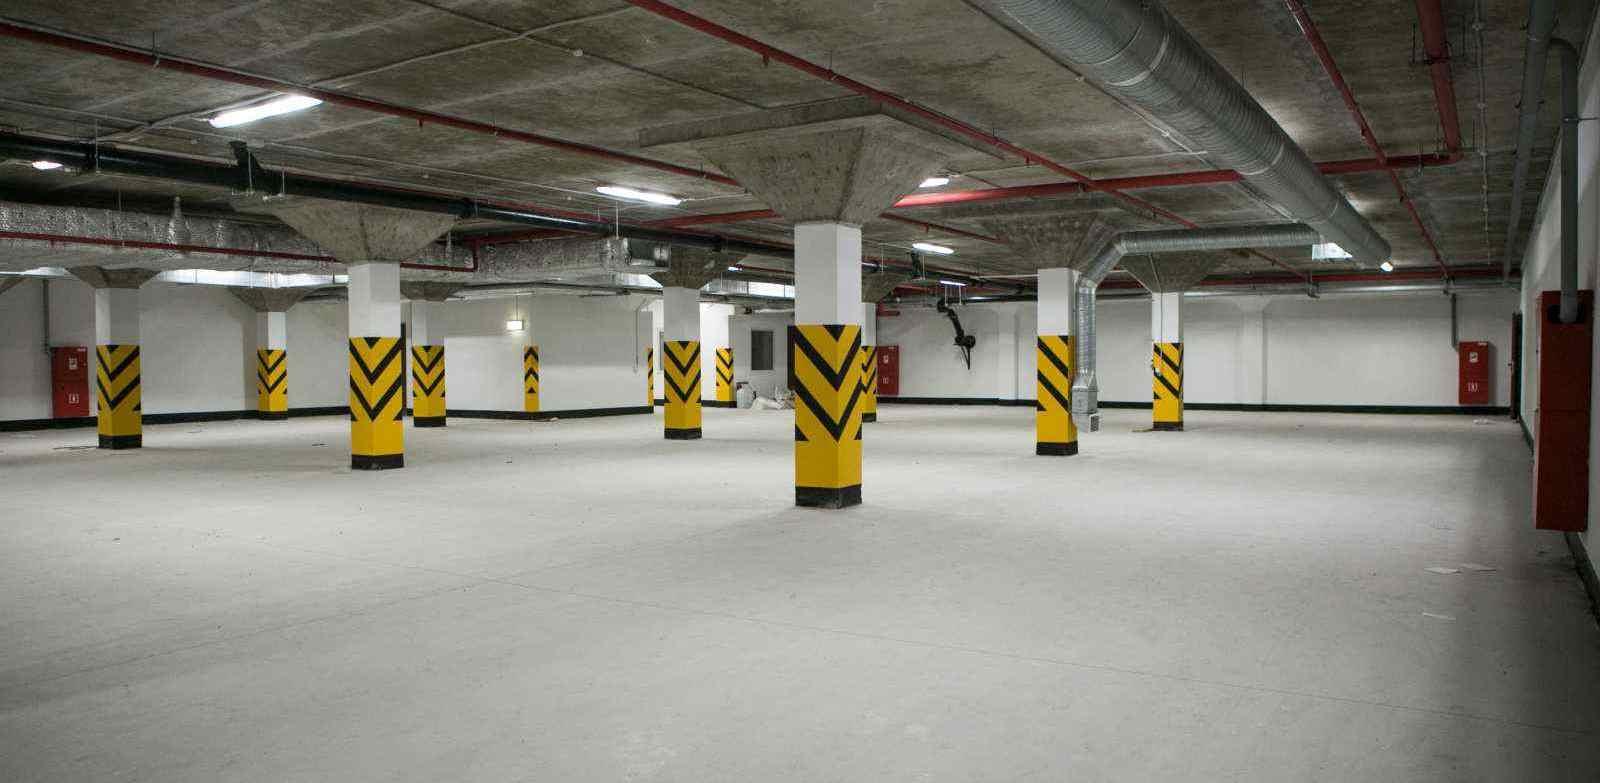 К ЧМ-2018 возле Центрального стадиона построят подземную парковку на 400 мест